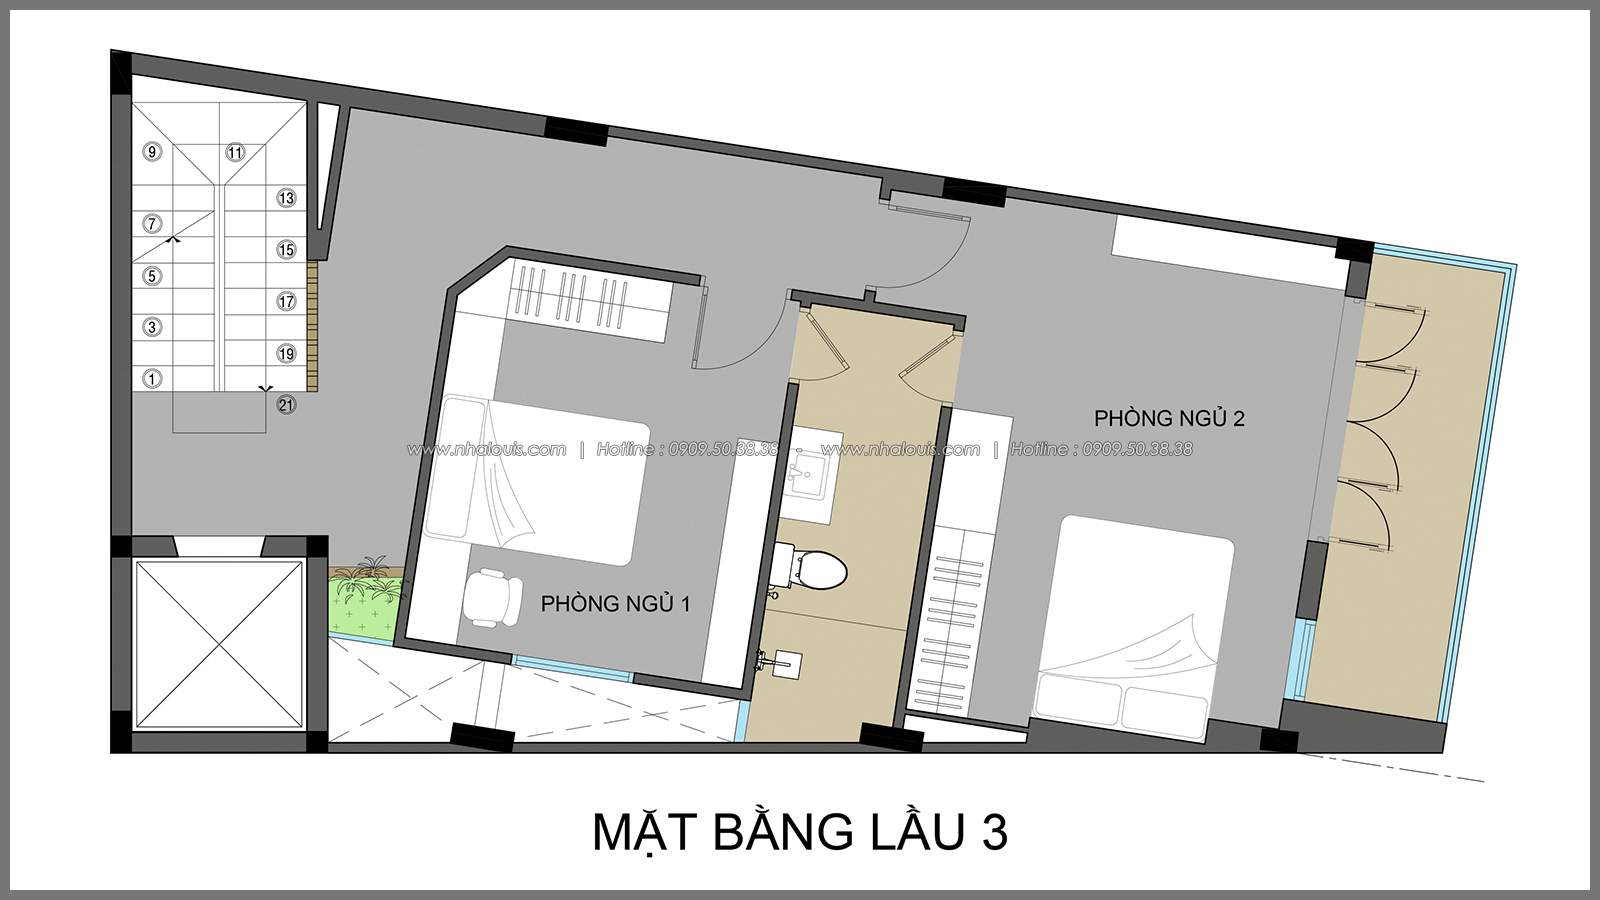 Ngỡ ngàng với thiết kế nhà có tầng hầm của chị Lan tại Quận 1 - 14